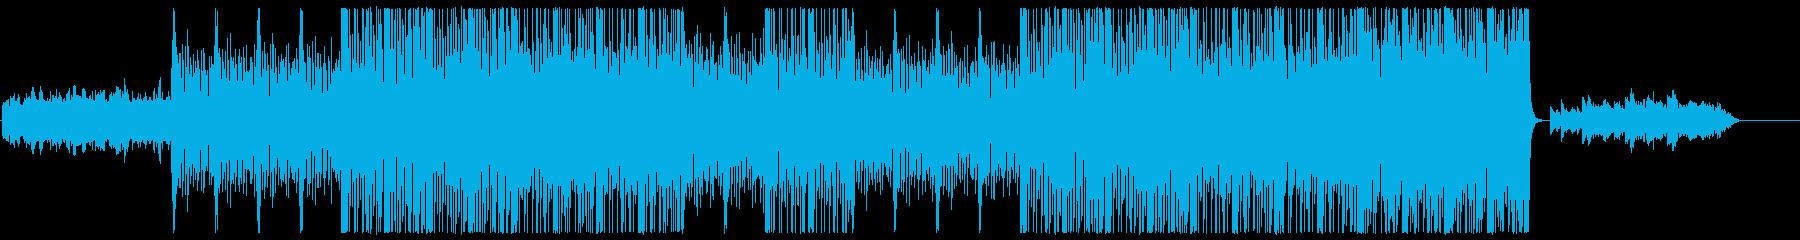 ダークでドラマのあるBGMの再生済みの波形